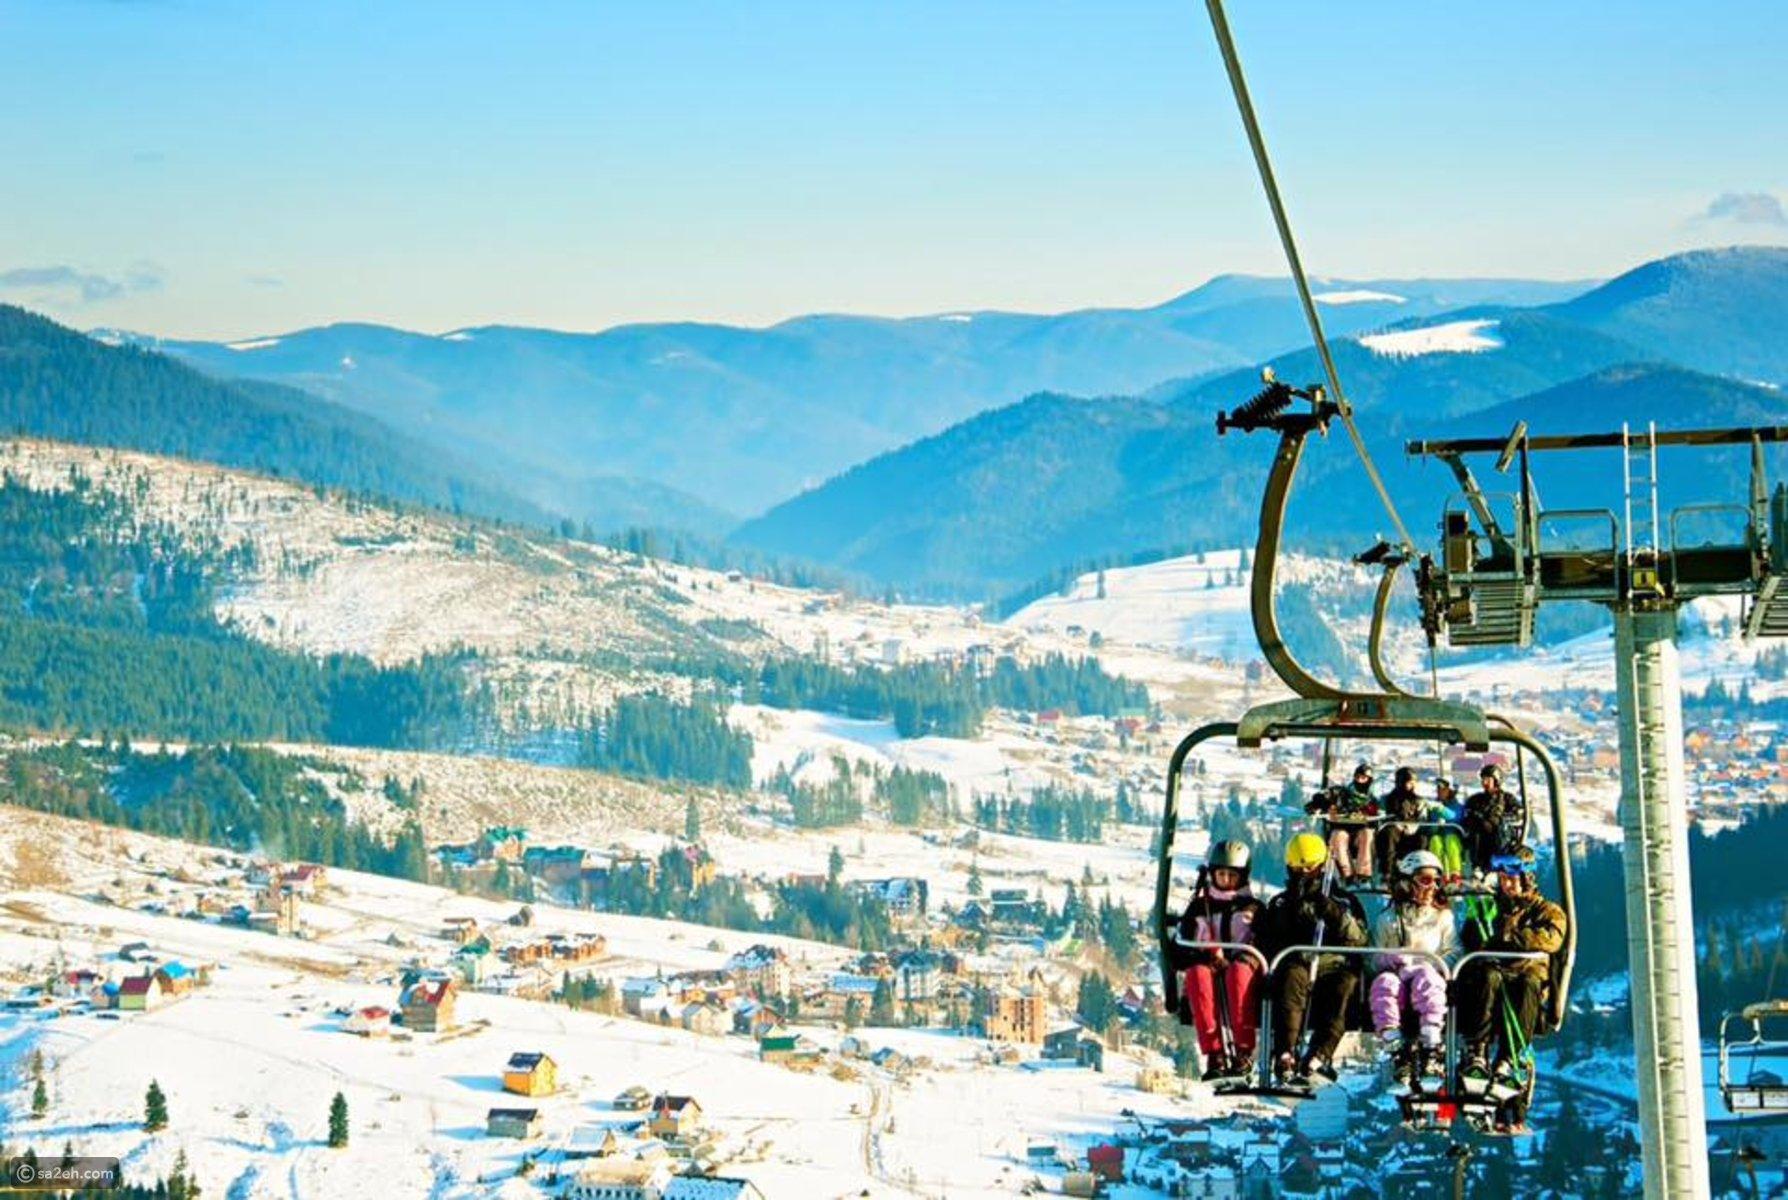 السياحة في بوكوفيل أوكرانيا: أفضل تجربة للتزلج على الجليد